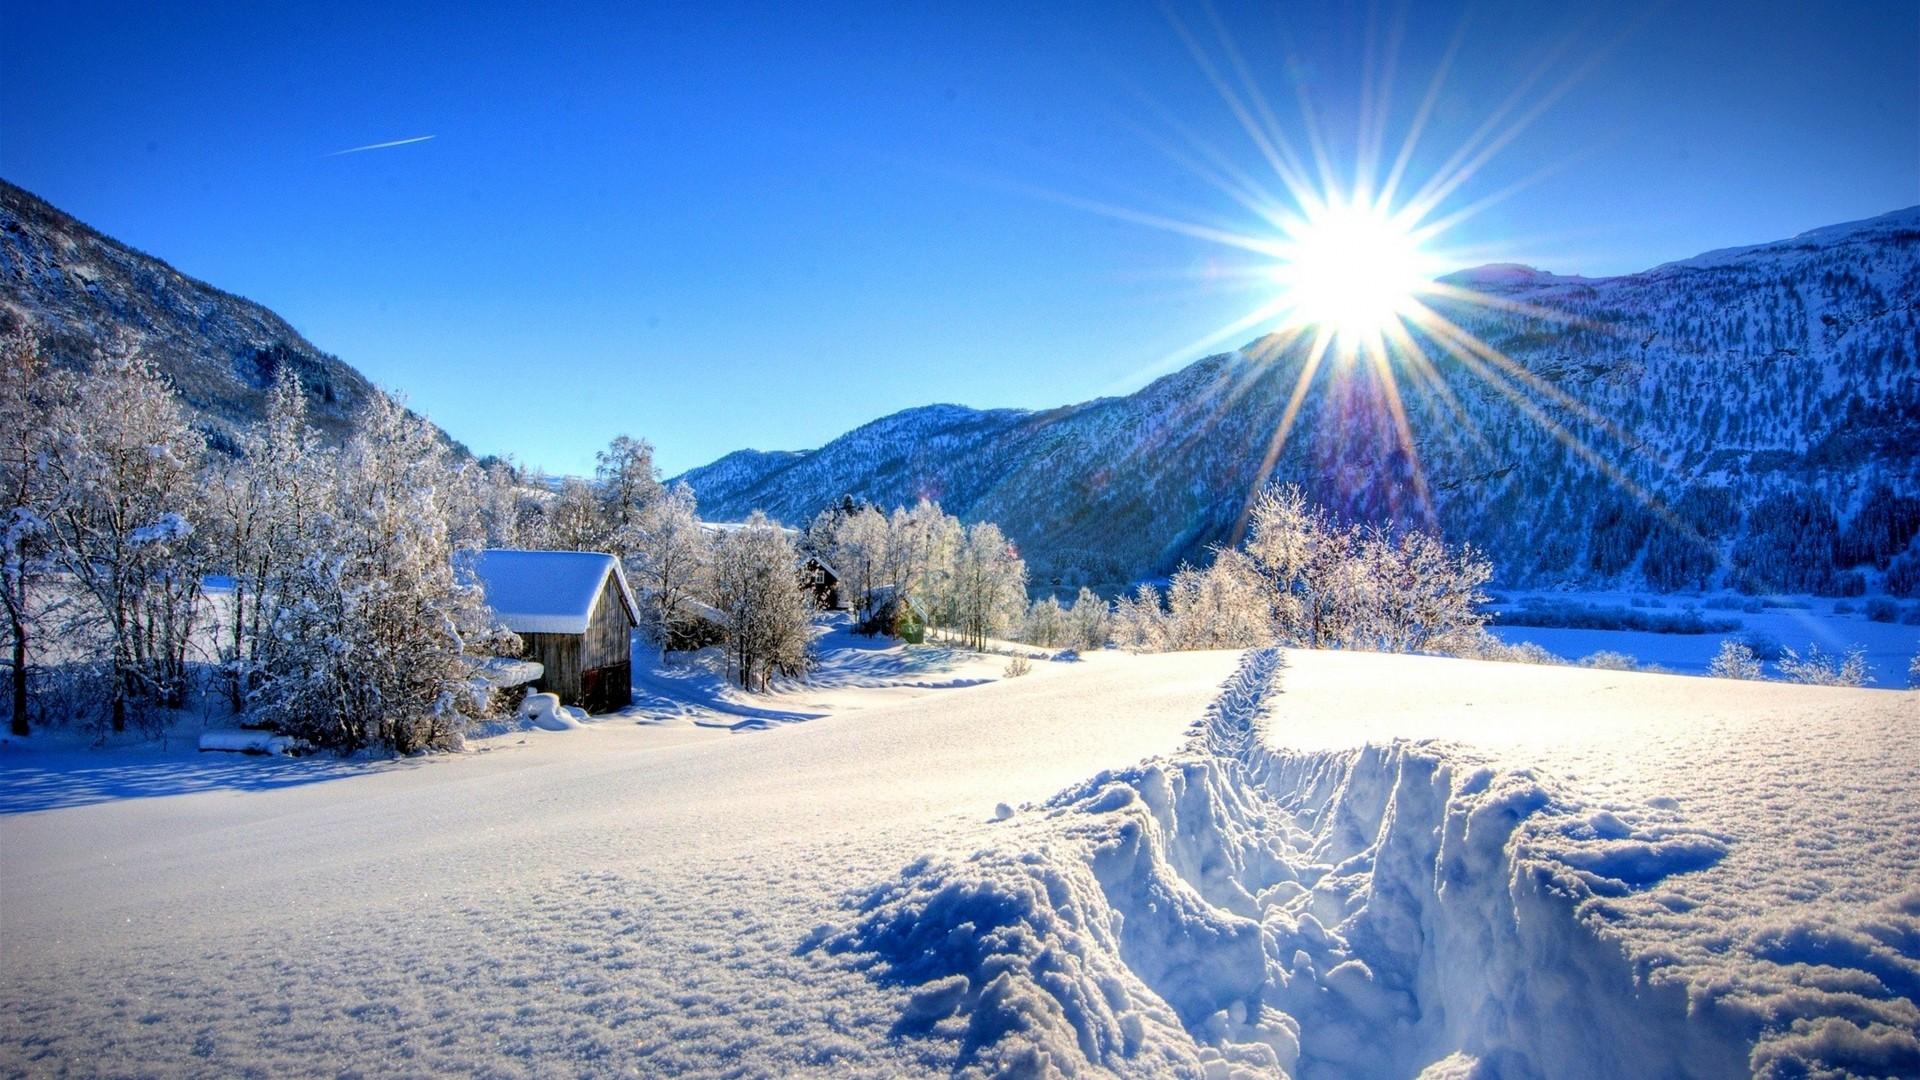 Snowy Wallpaper theme